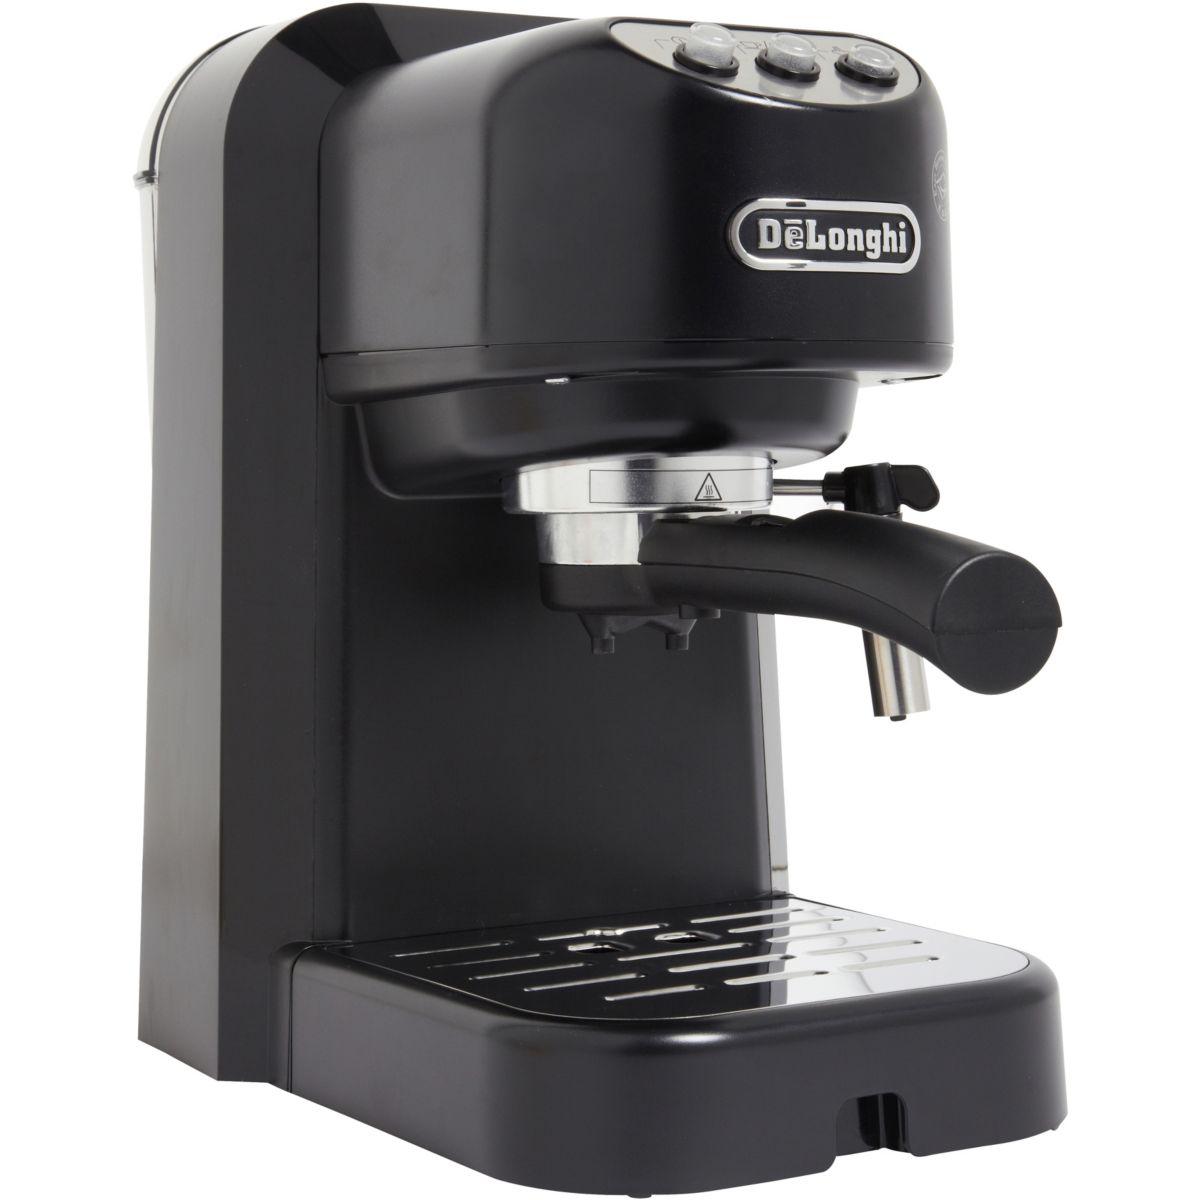 machine caf achat vente de machine pas cher. Black Bedroom Furniture Sets. Home Design Ideas